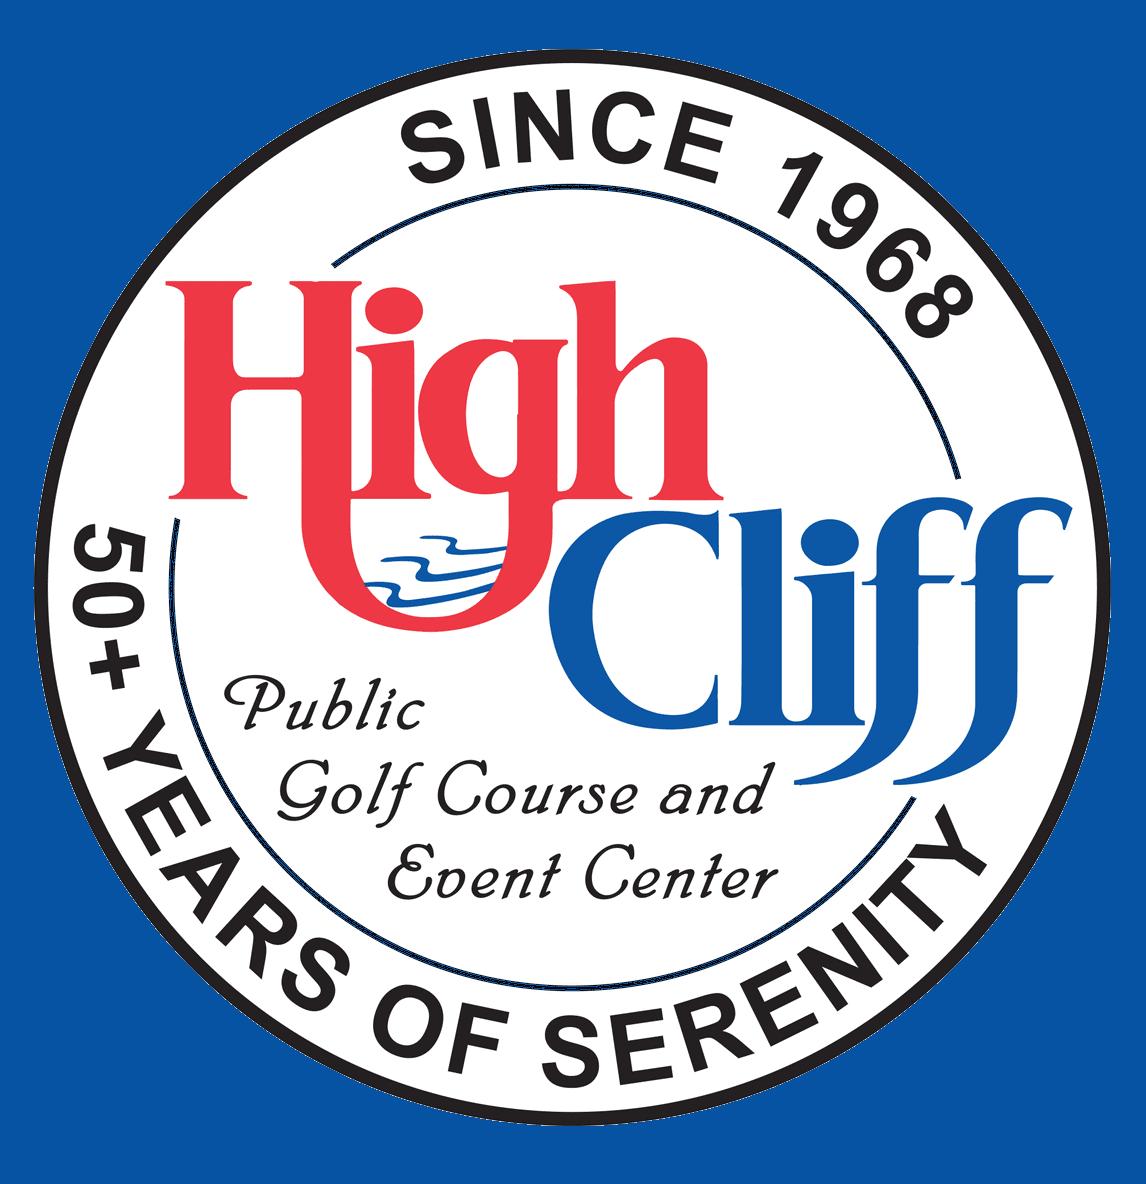 High Cliff Golf & Event Center